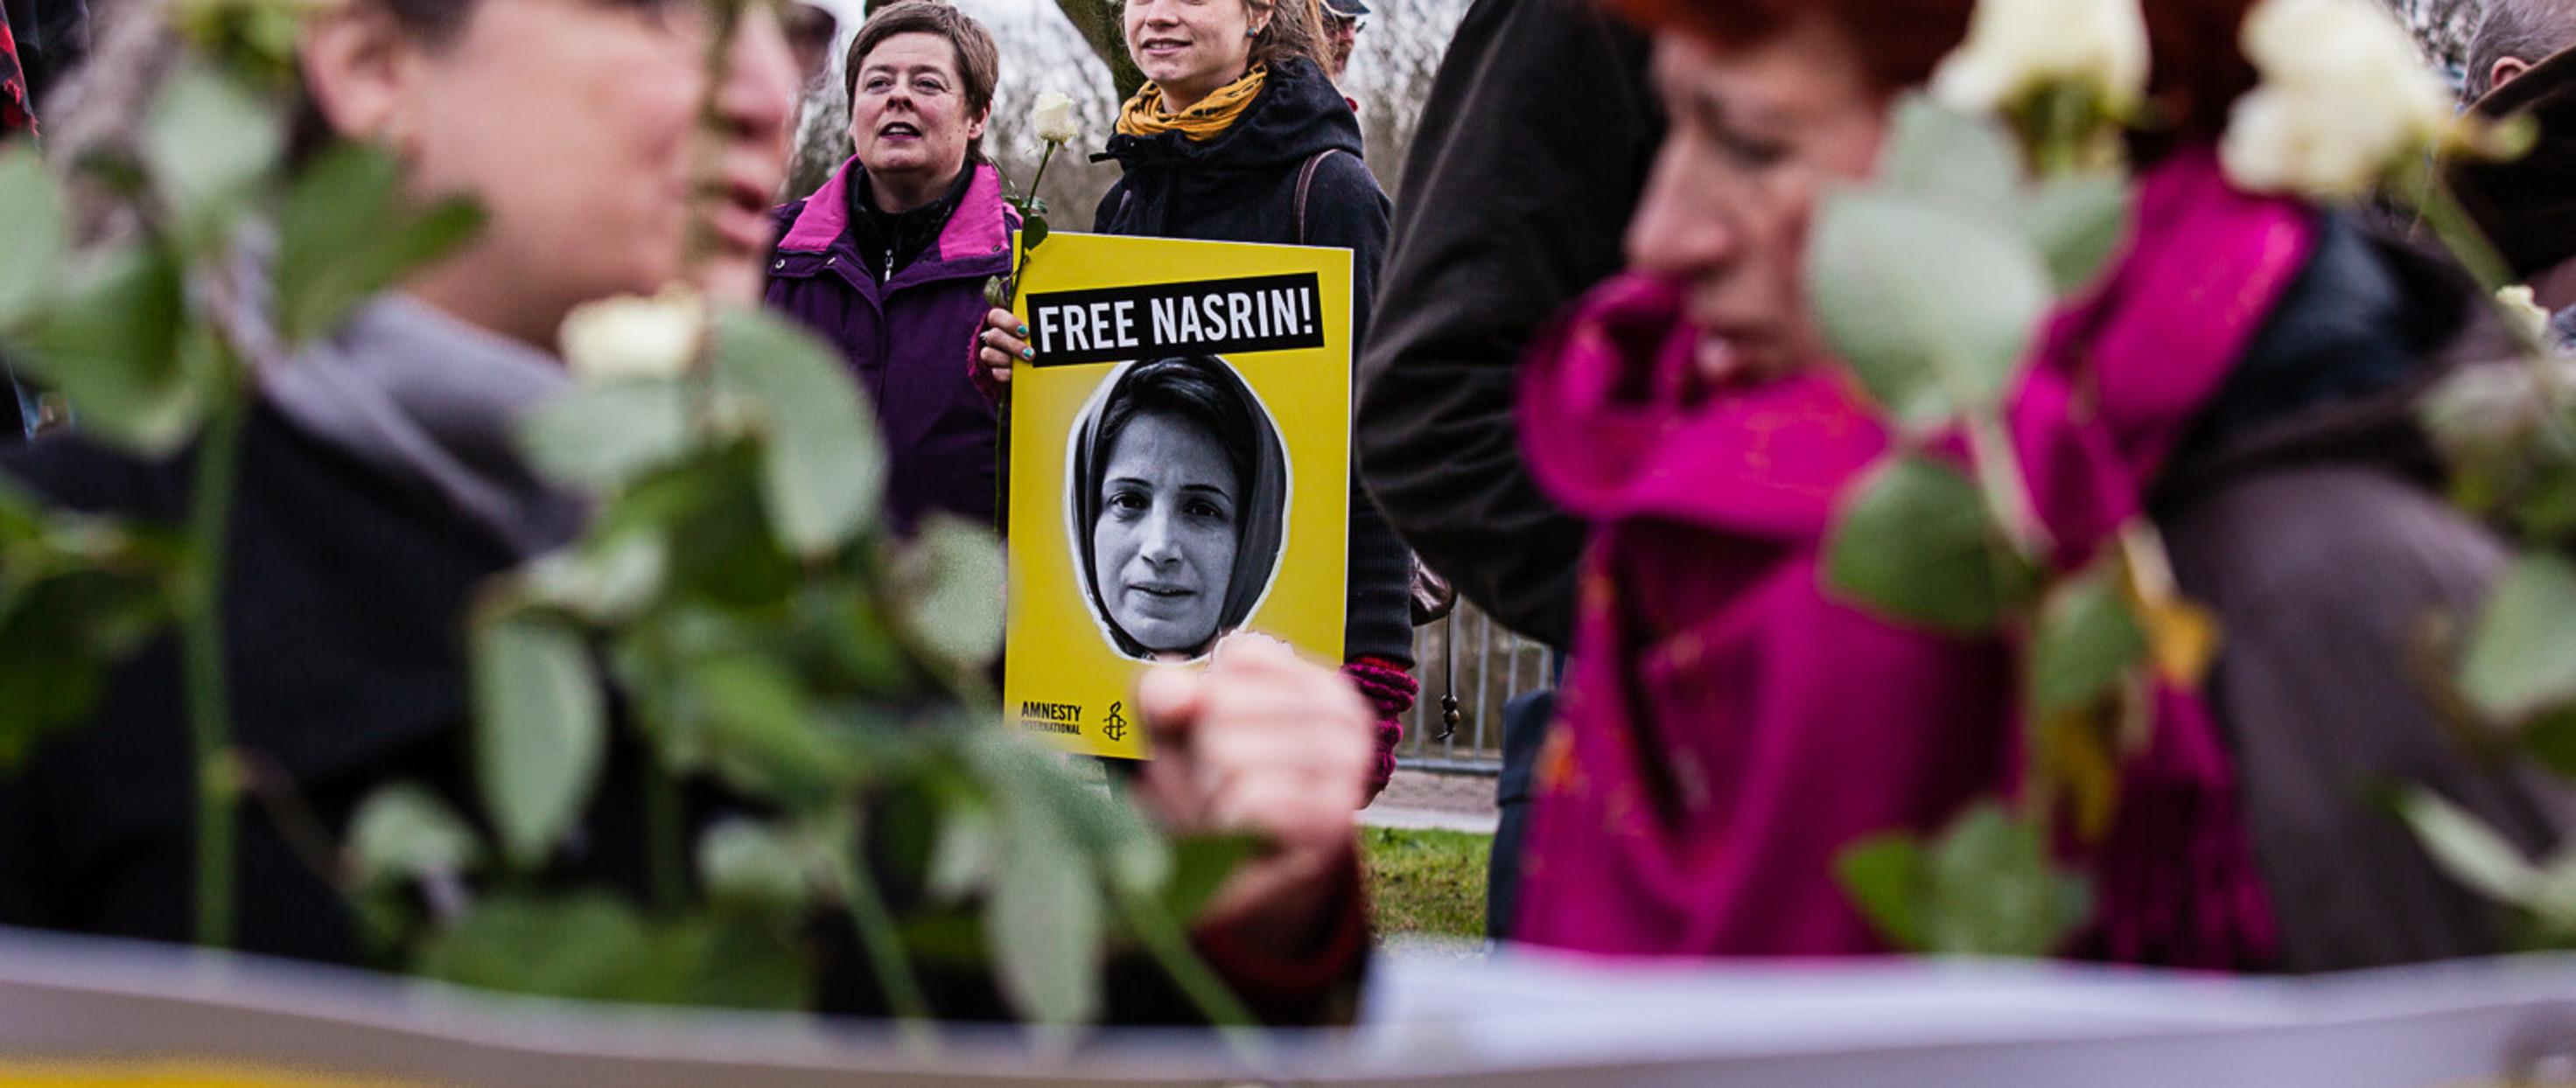 Manifestación por la libertad de Nasrin Sotoudeh ante la embajada iraní en La Haya